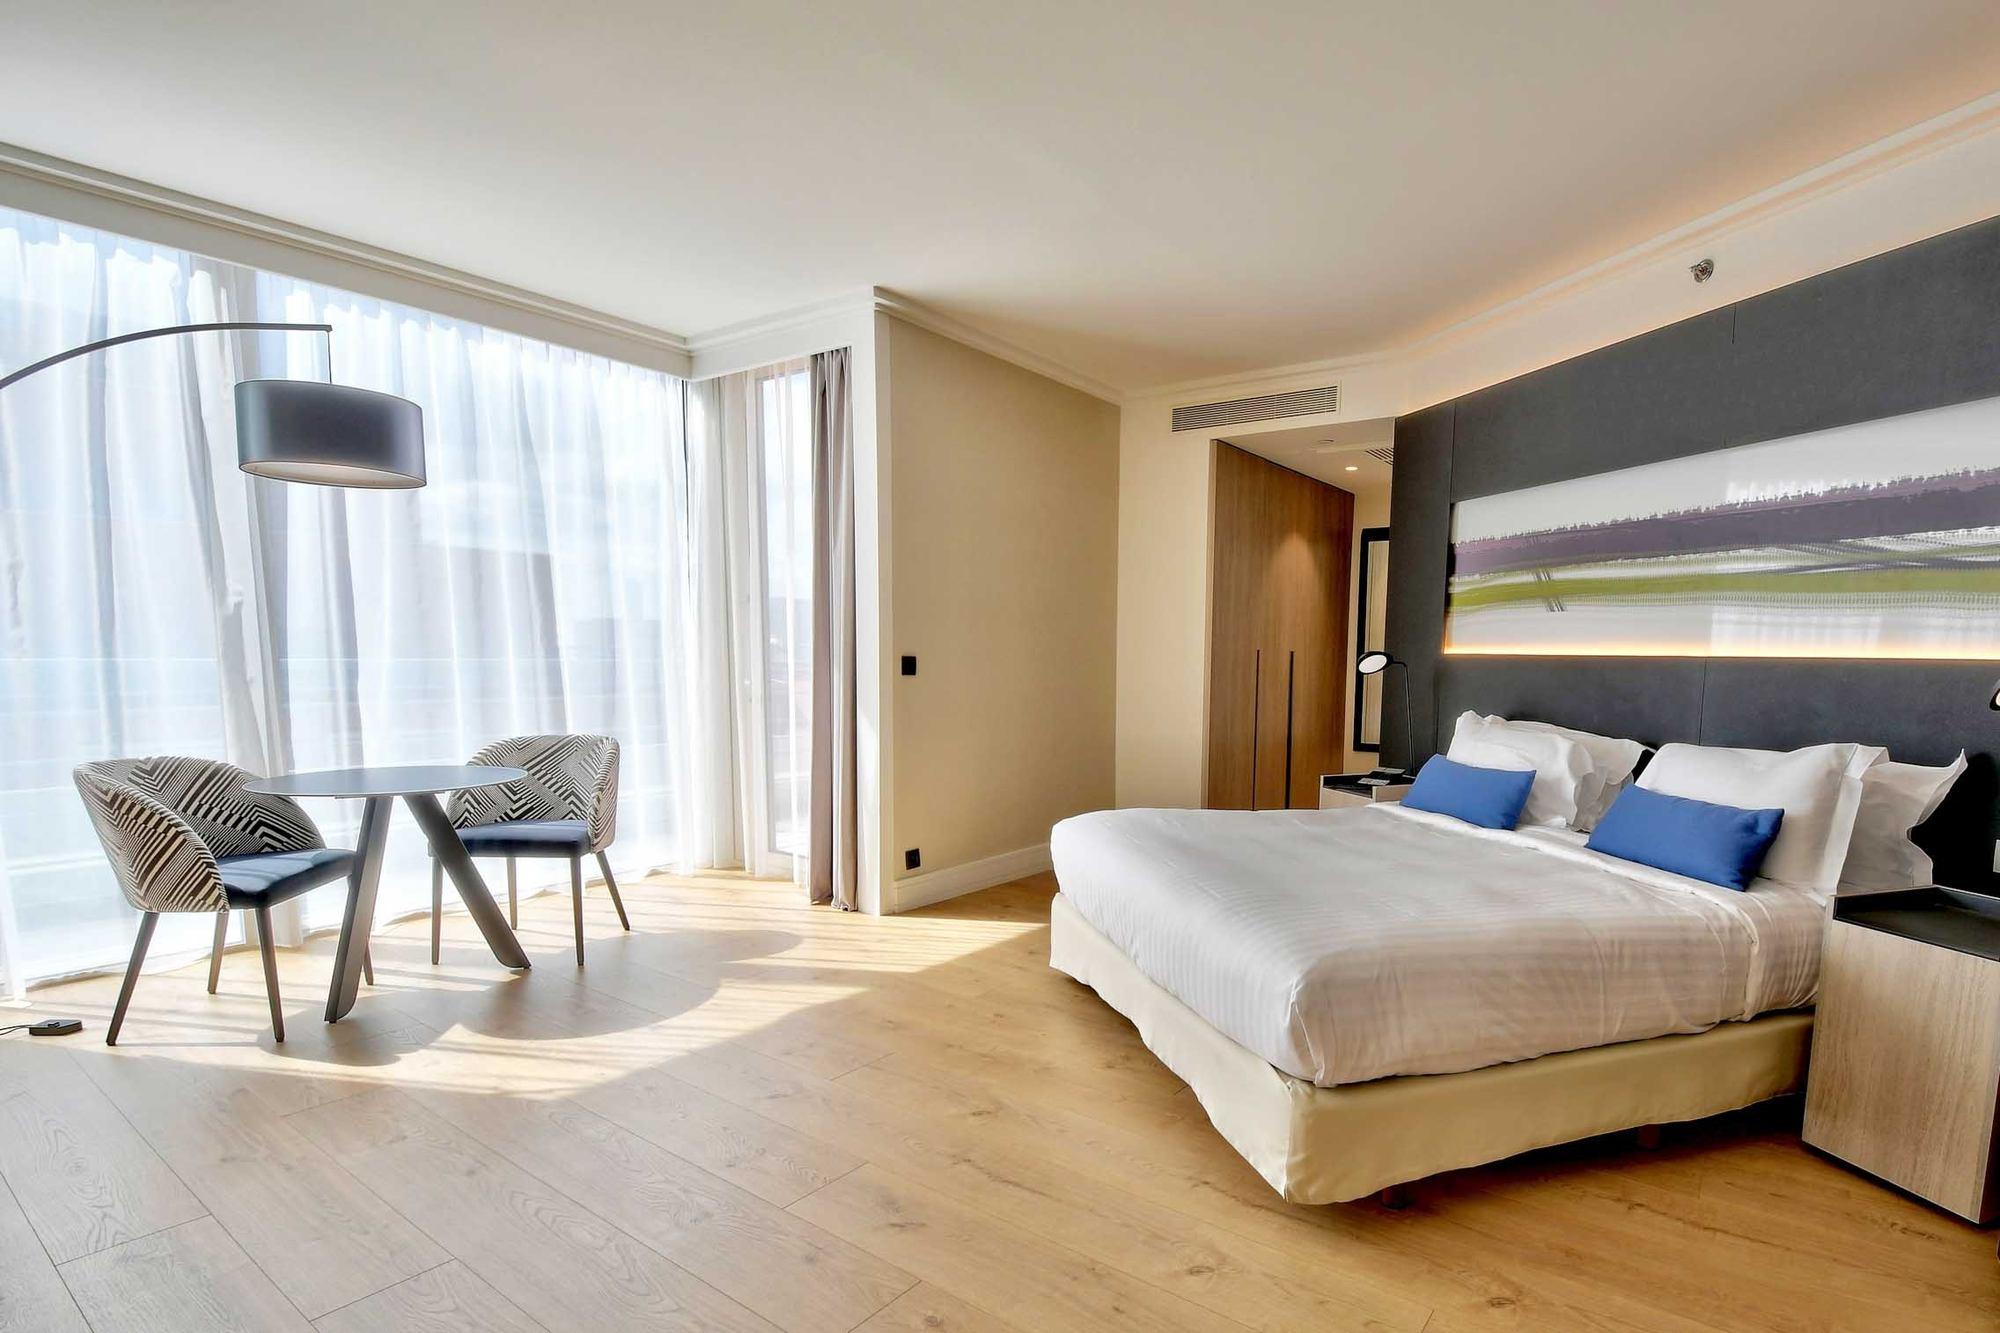 PHOTOS IMMOBILIER Marriott Chambre Hotel Cité Internationale Lyon 69006